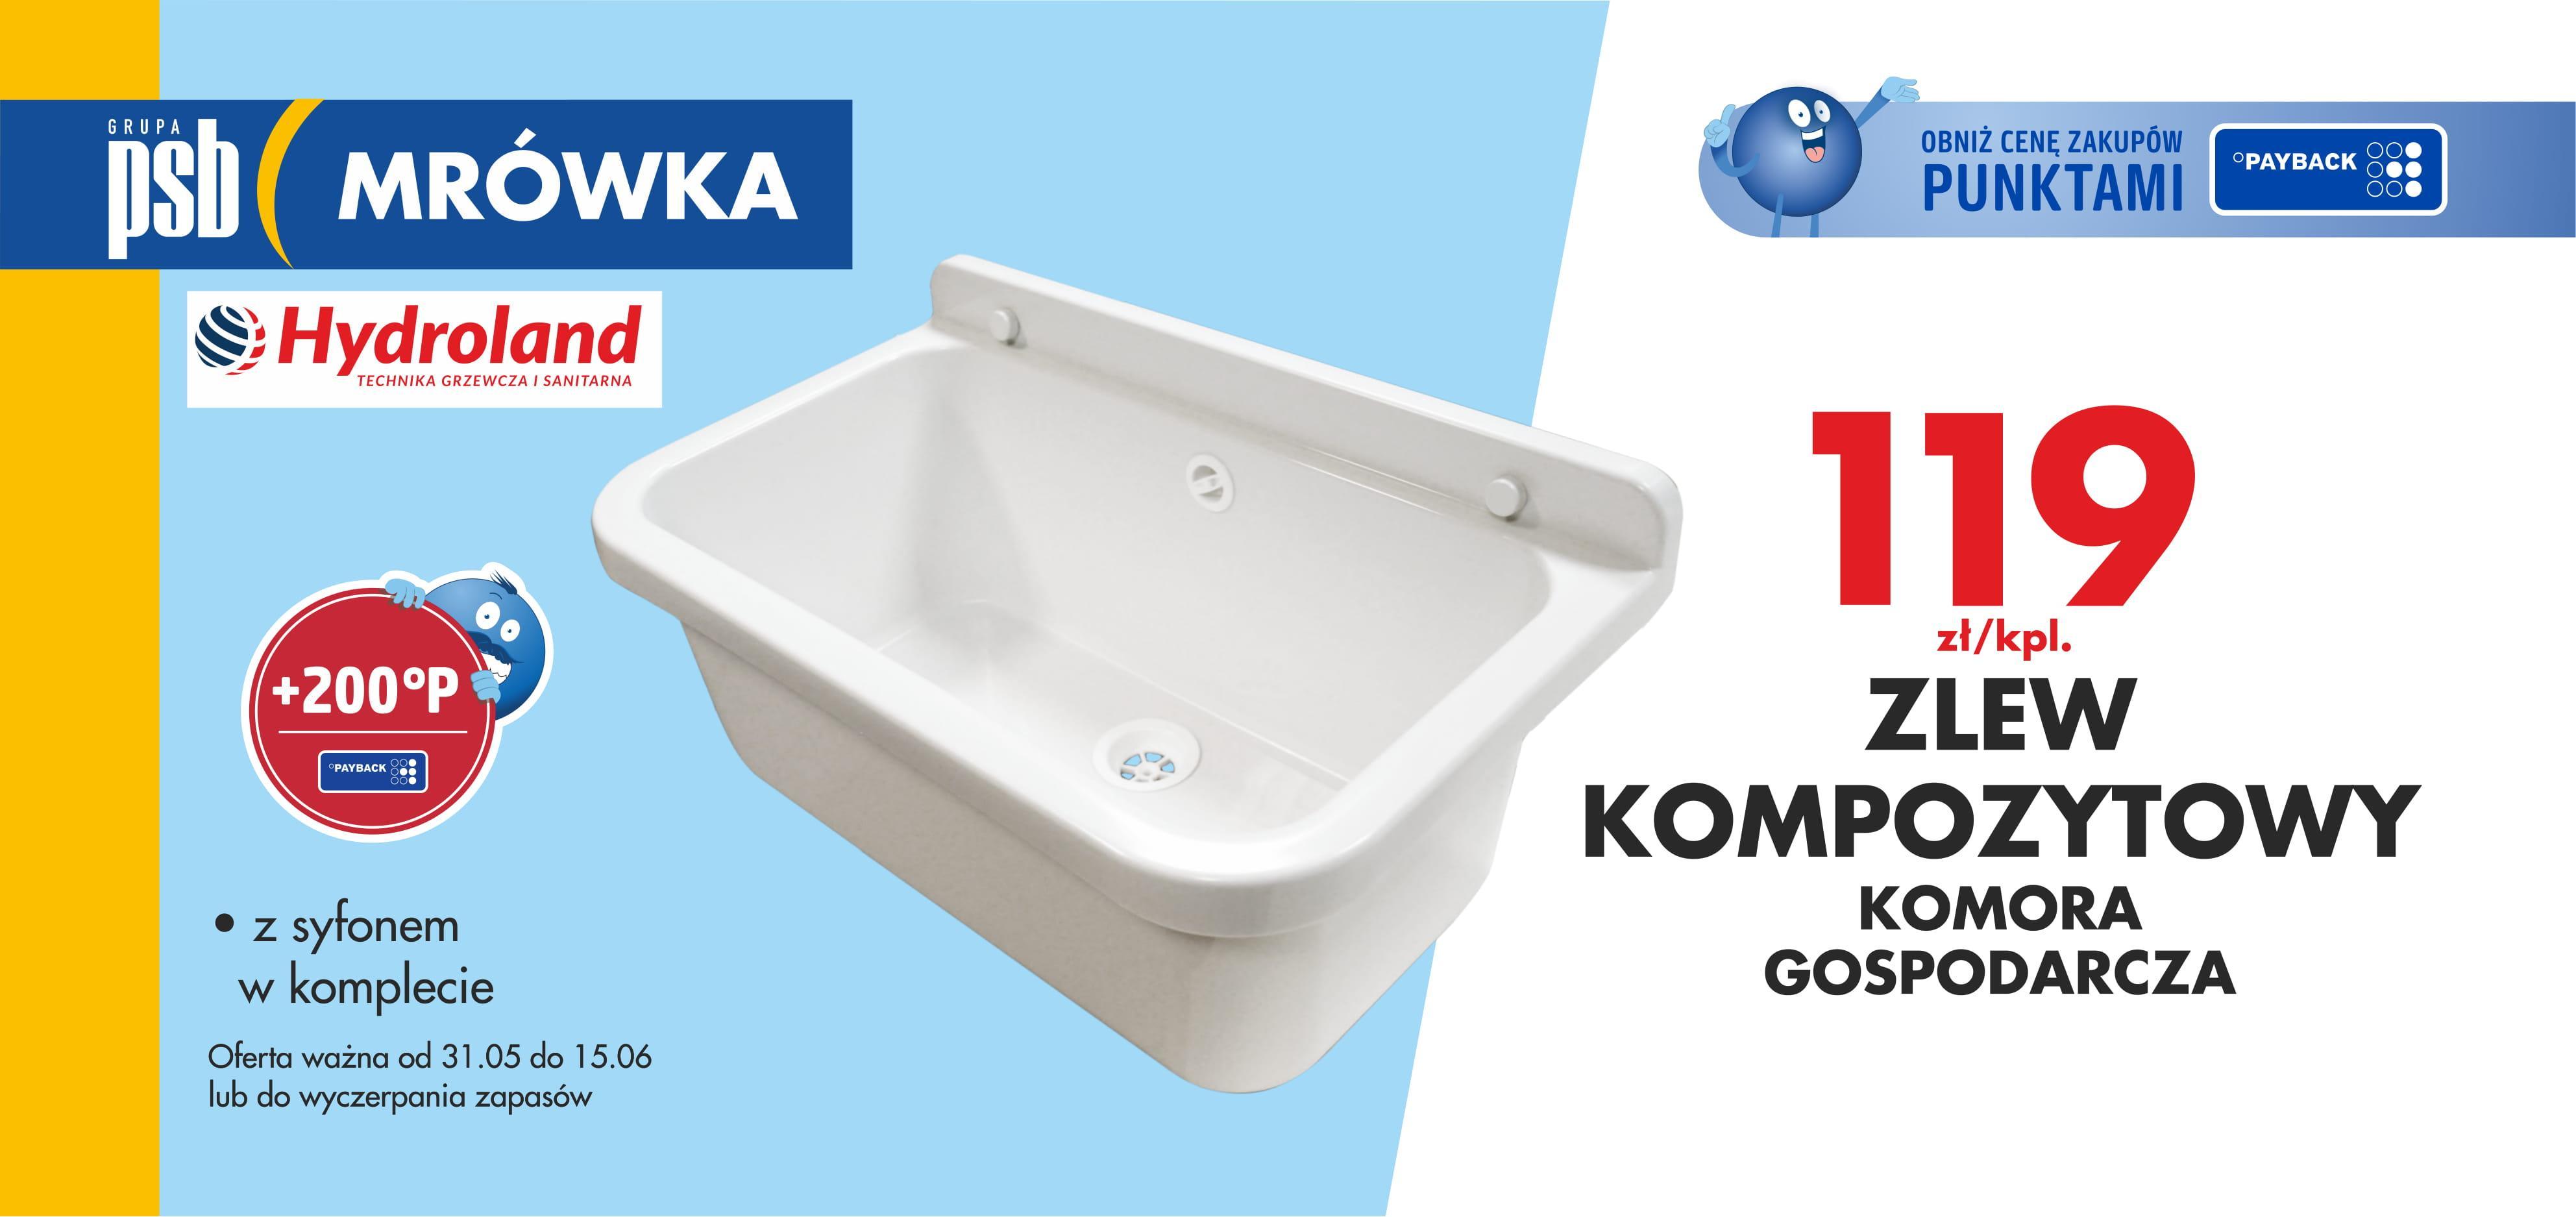 Komora-gospodarcza-504x238-1